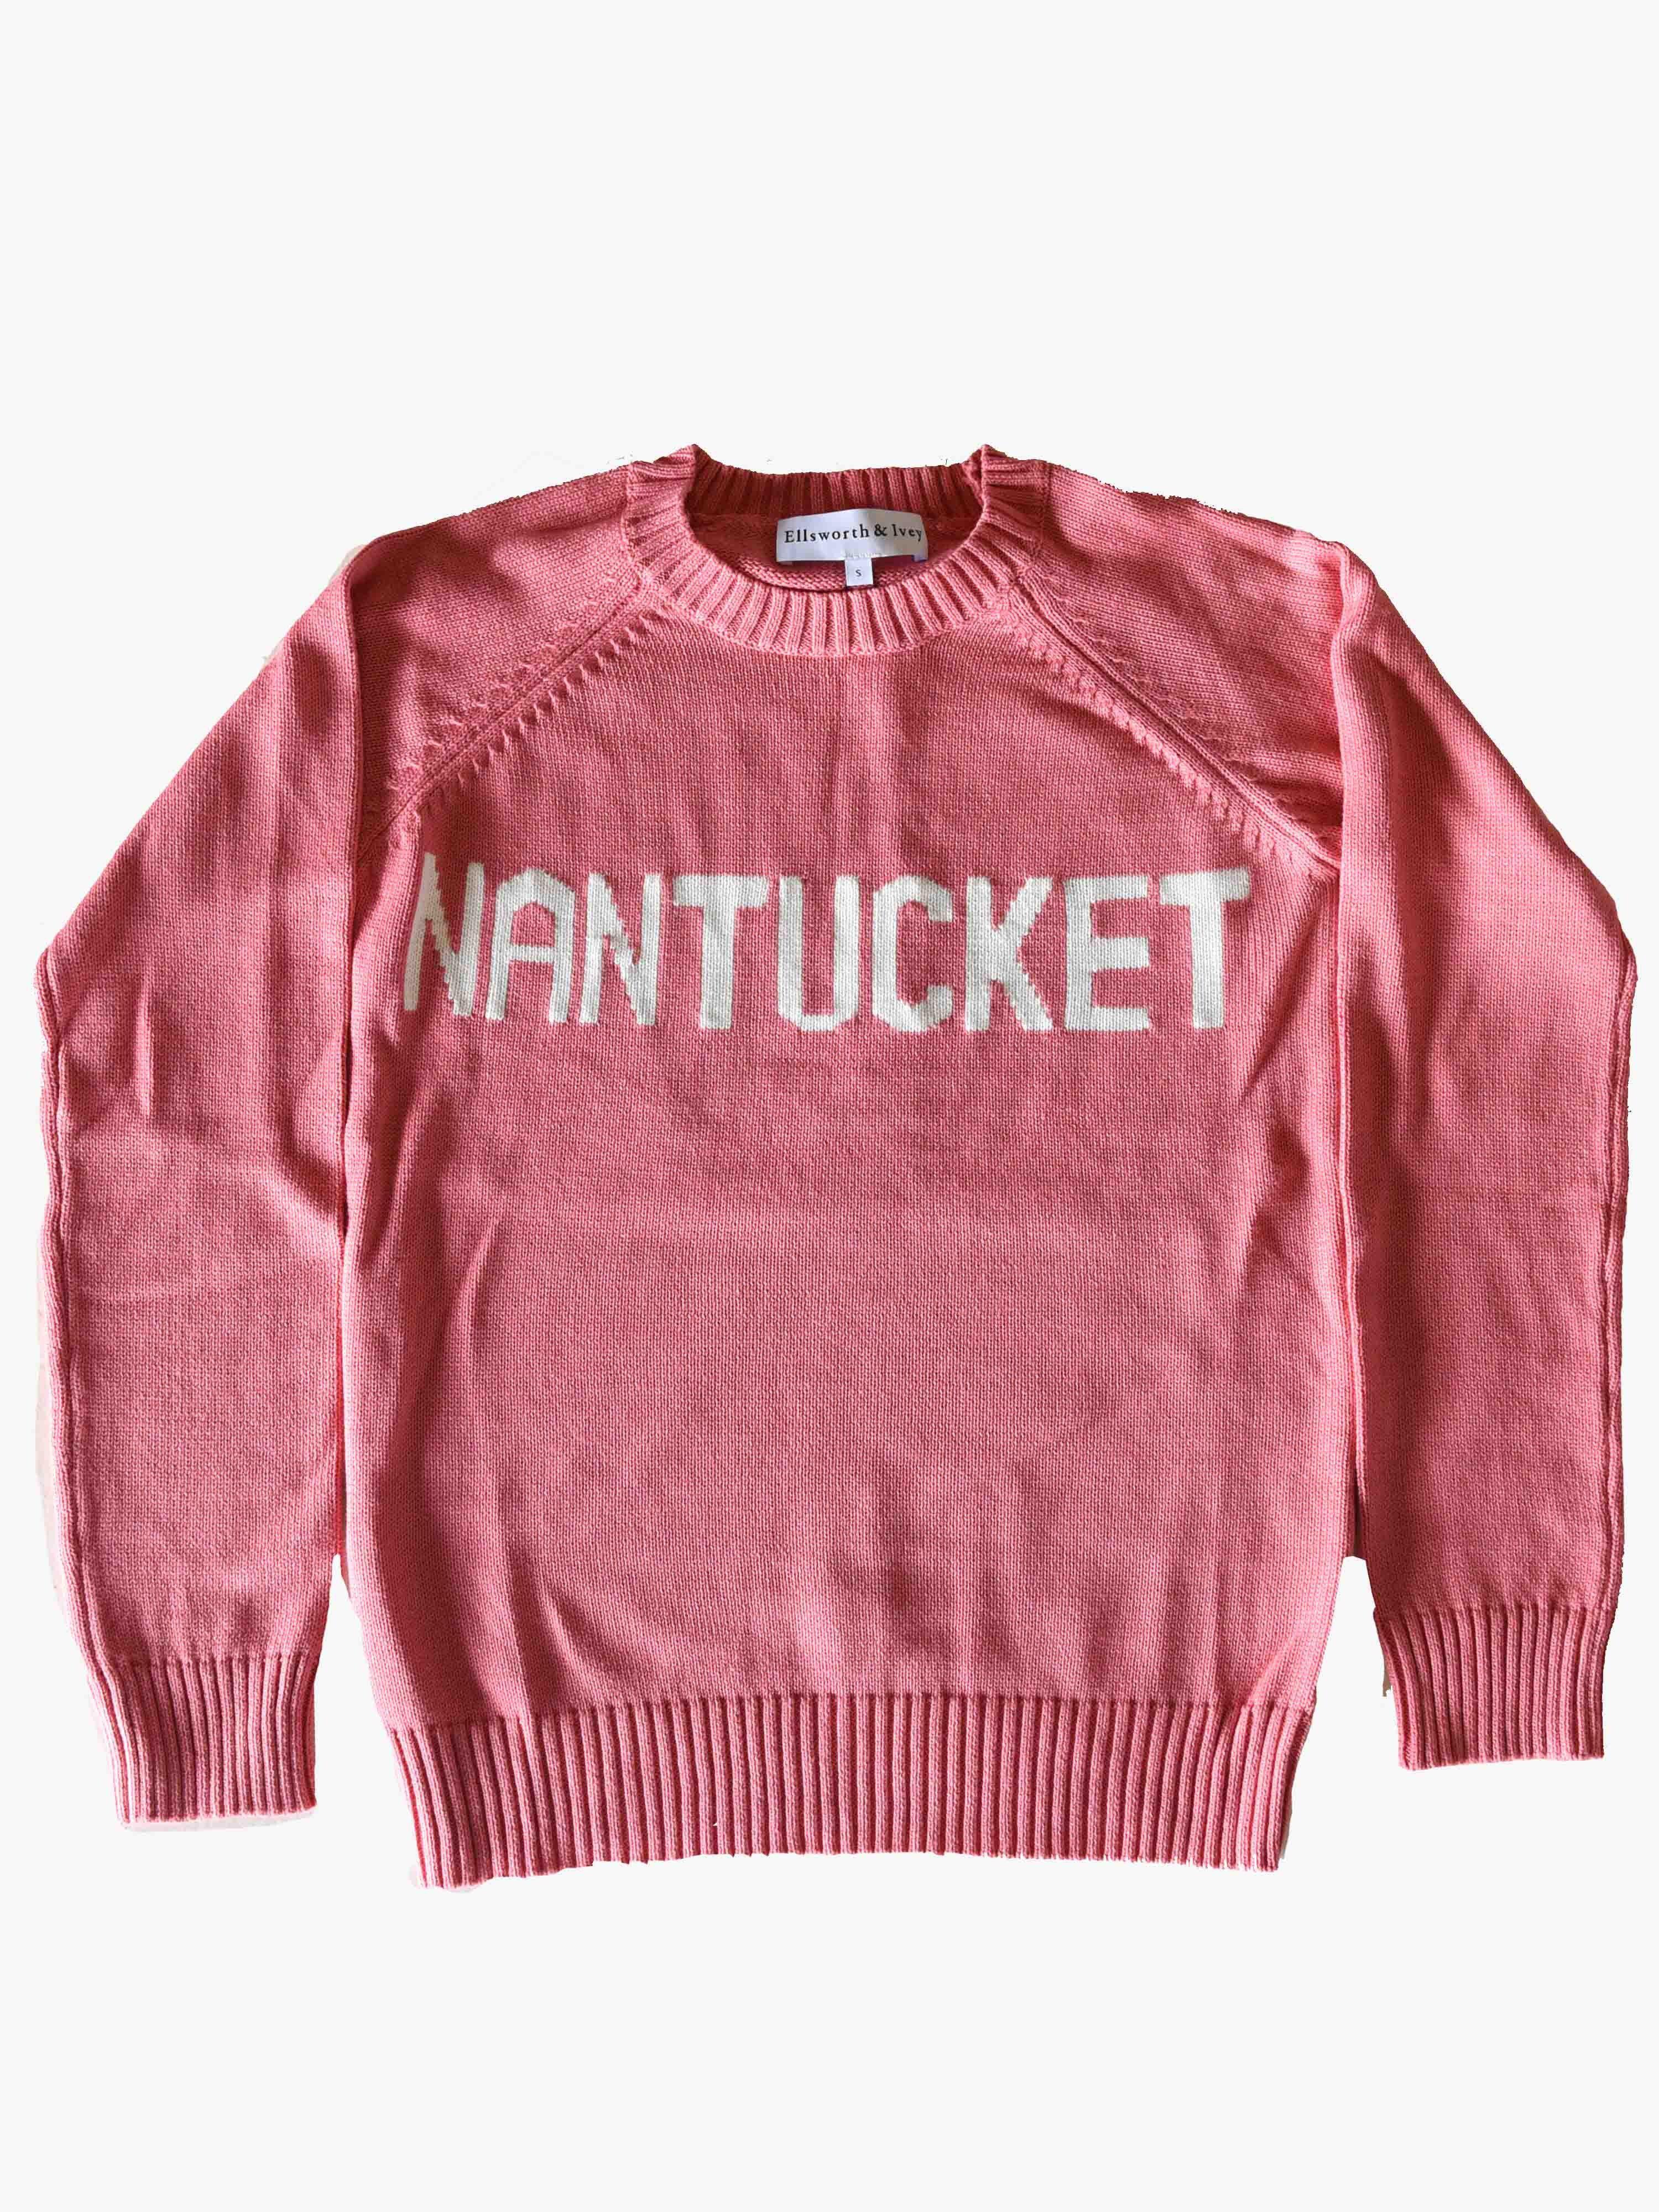 Lyst - Ellsworth   Ivey Nantucket Sweater in Blue 5b5976807